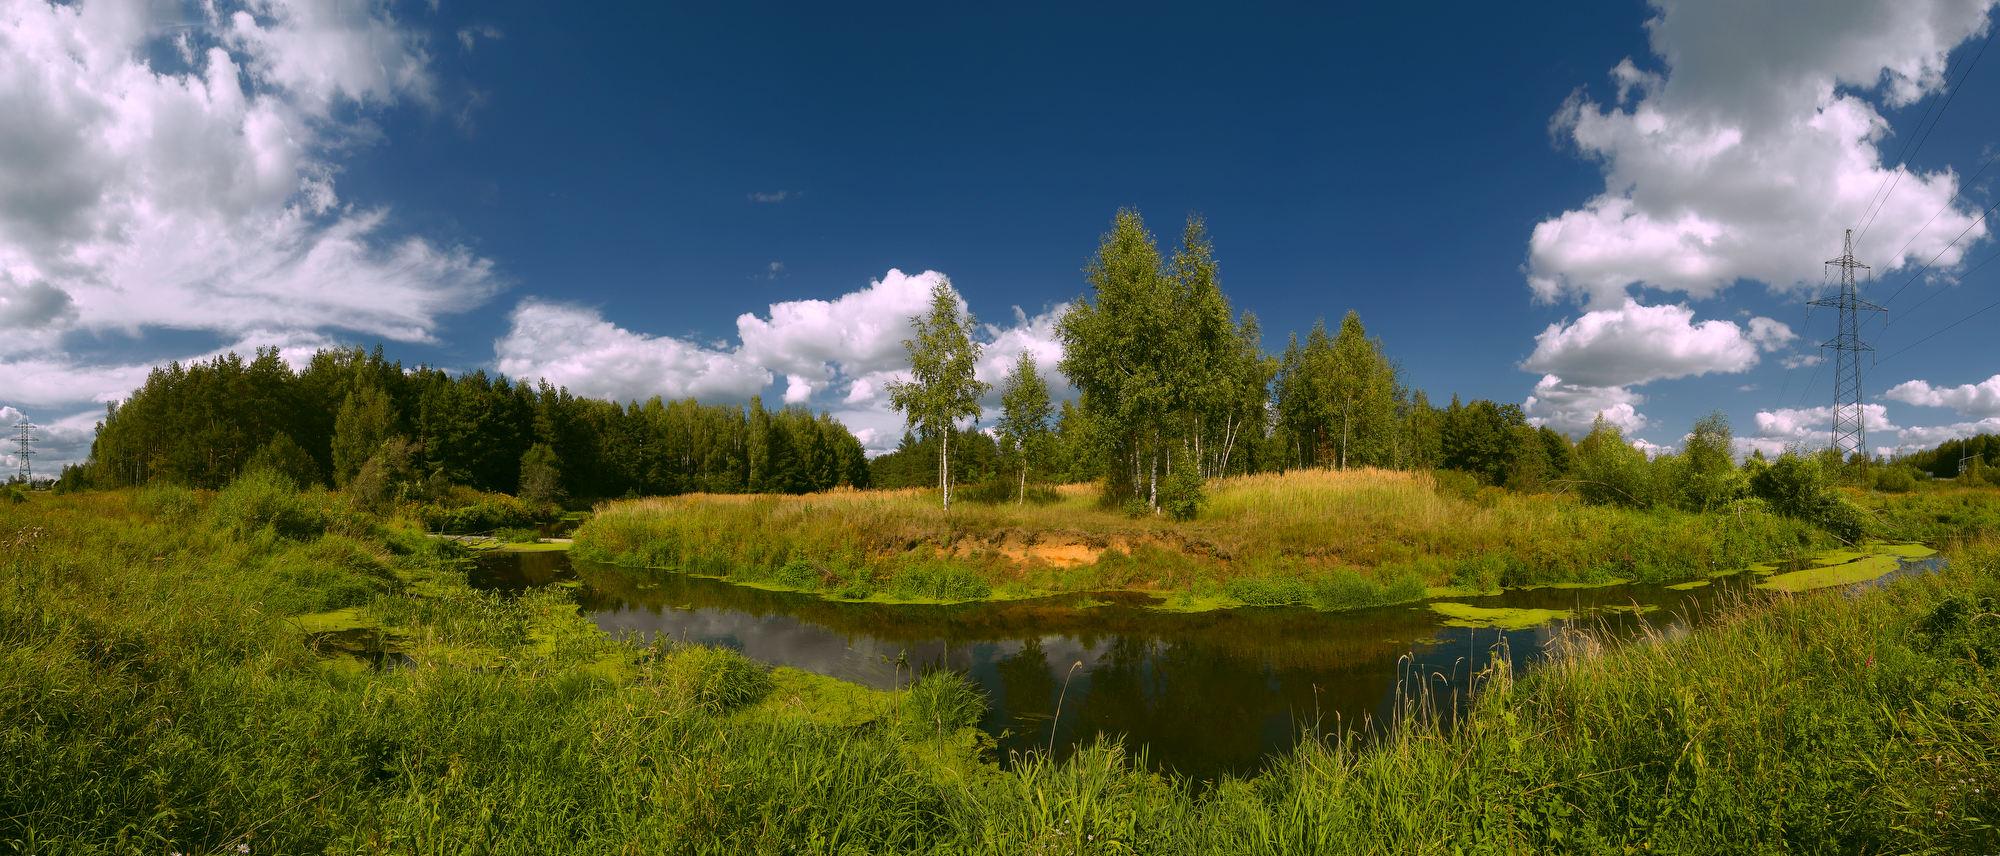 """фото """"Подмосковная речушка"""" метки: пейзаж, панорама, лето"""